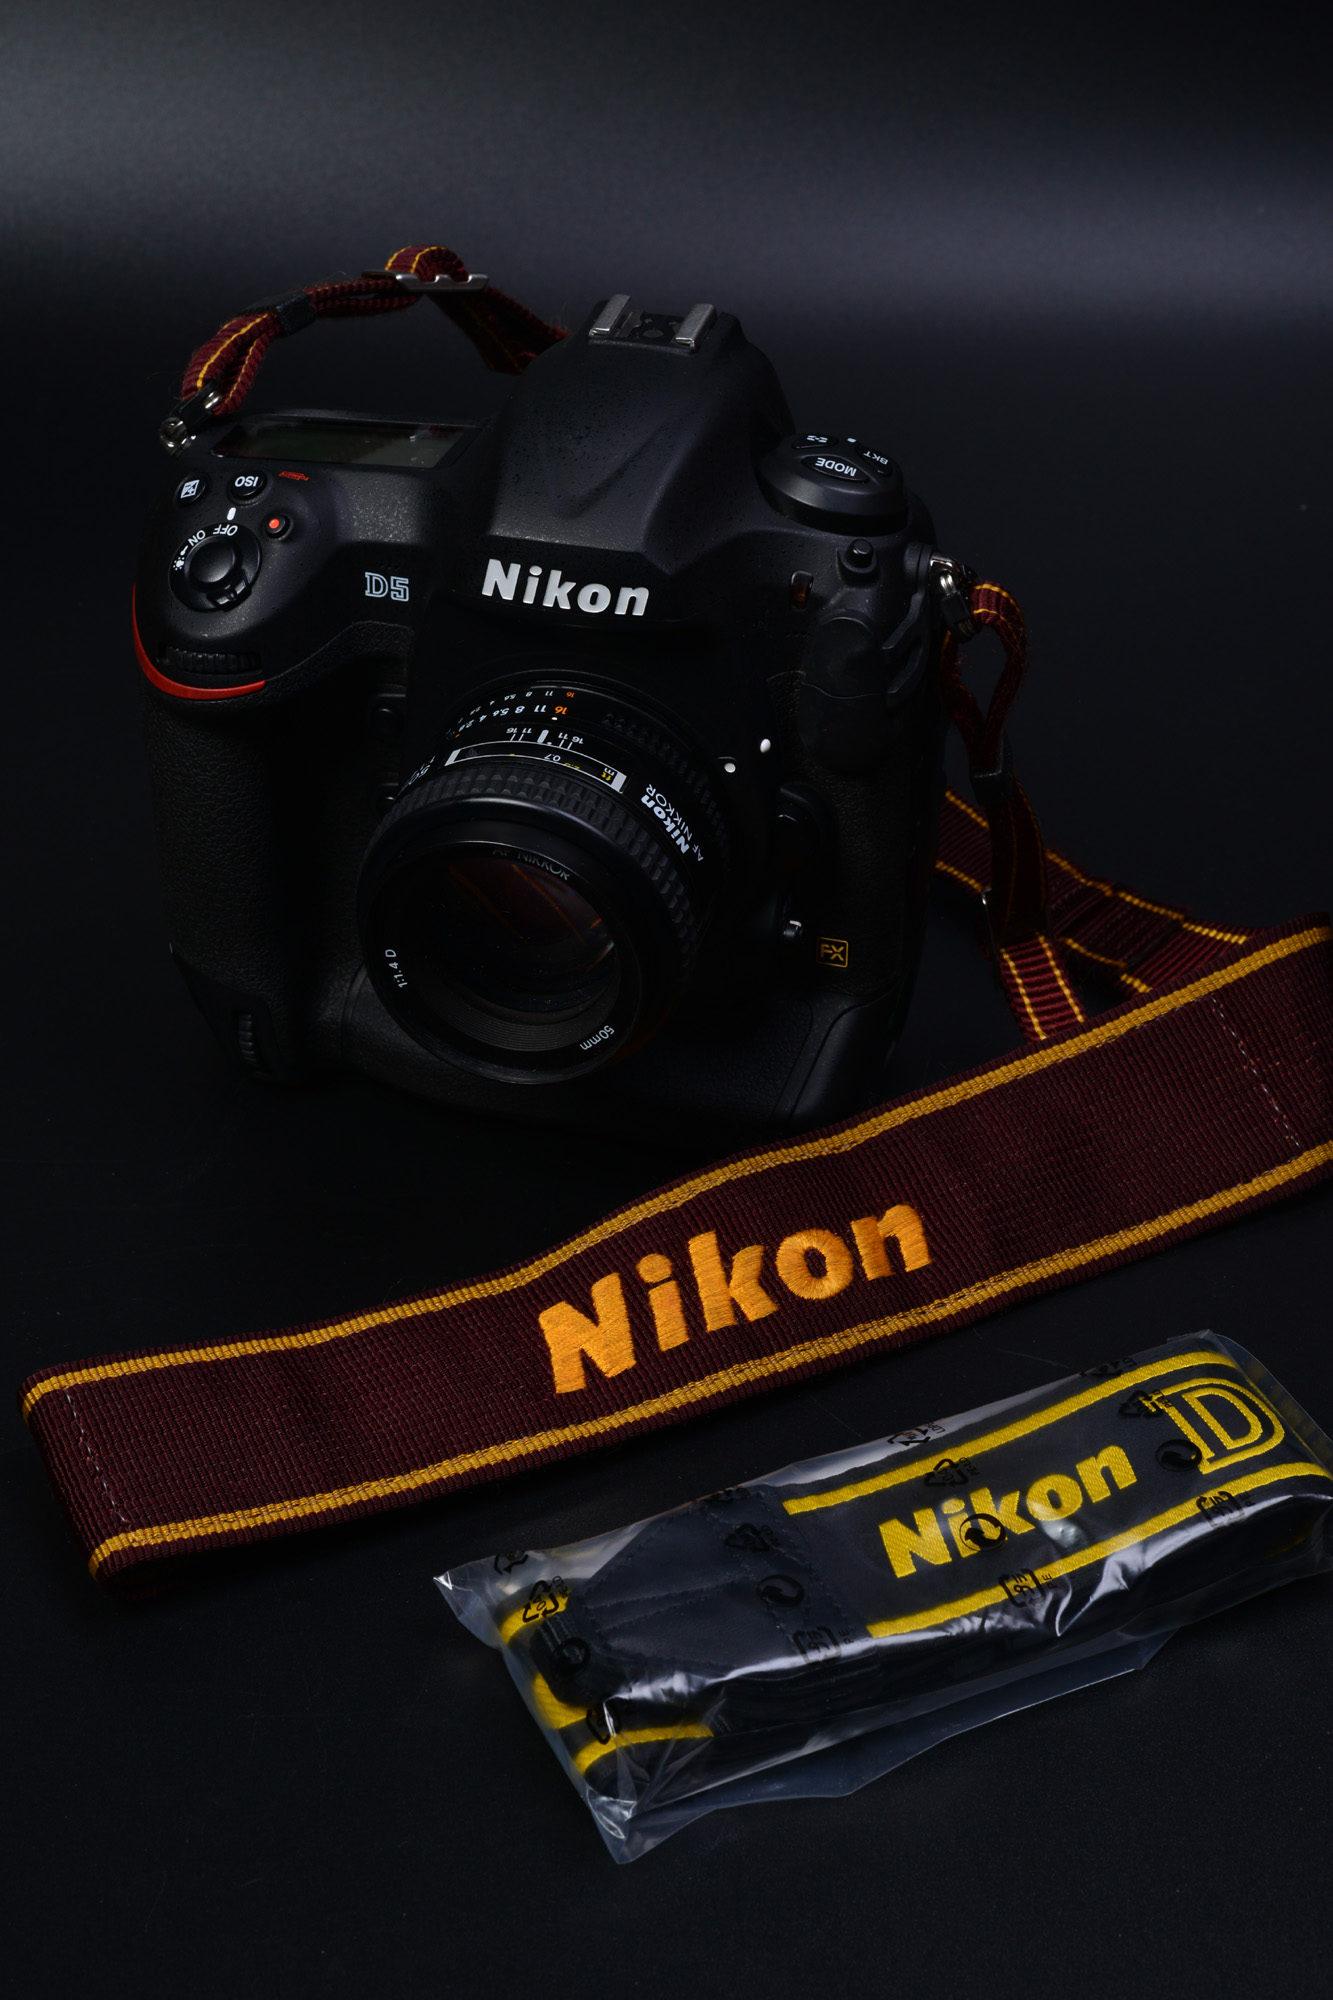 Nikon D5 購入 D4からD5に更新しました。